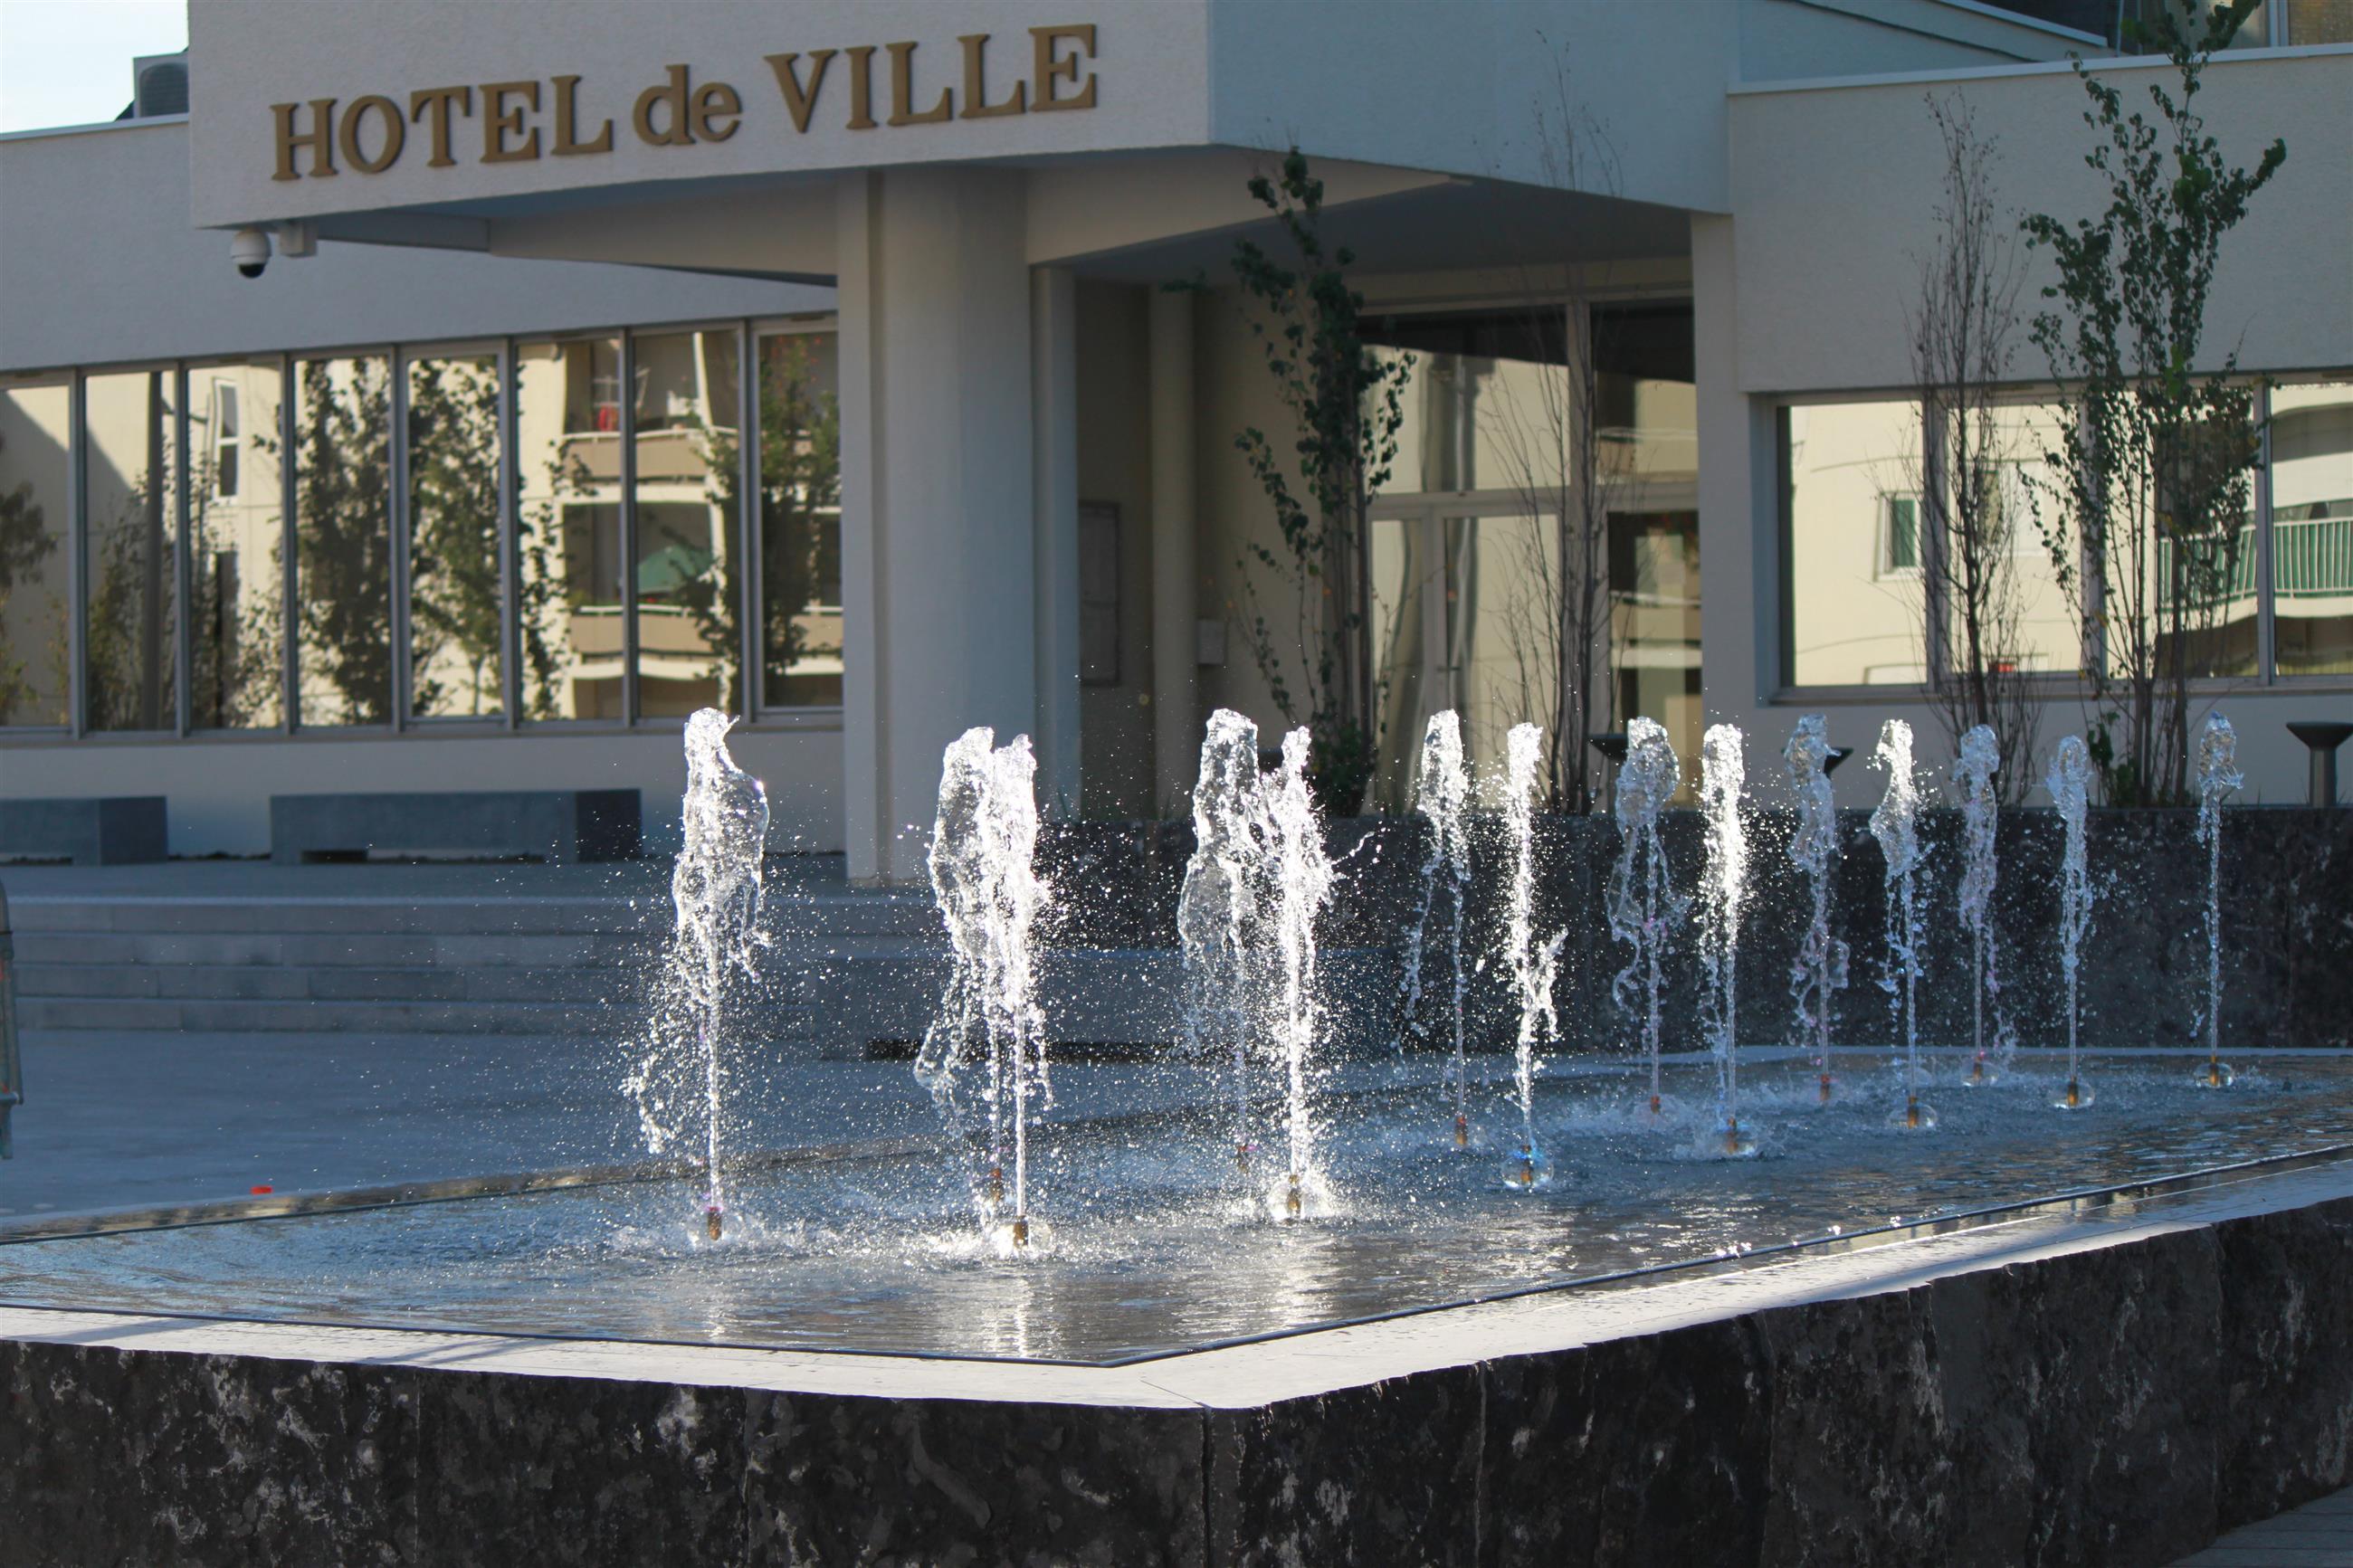 """Fontaine type """"buffet d'eau"""" sur le parvis de l'hôtel de ville"""